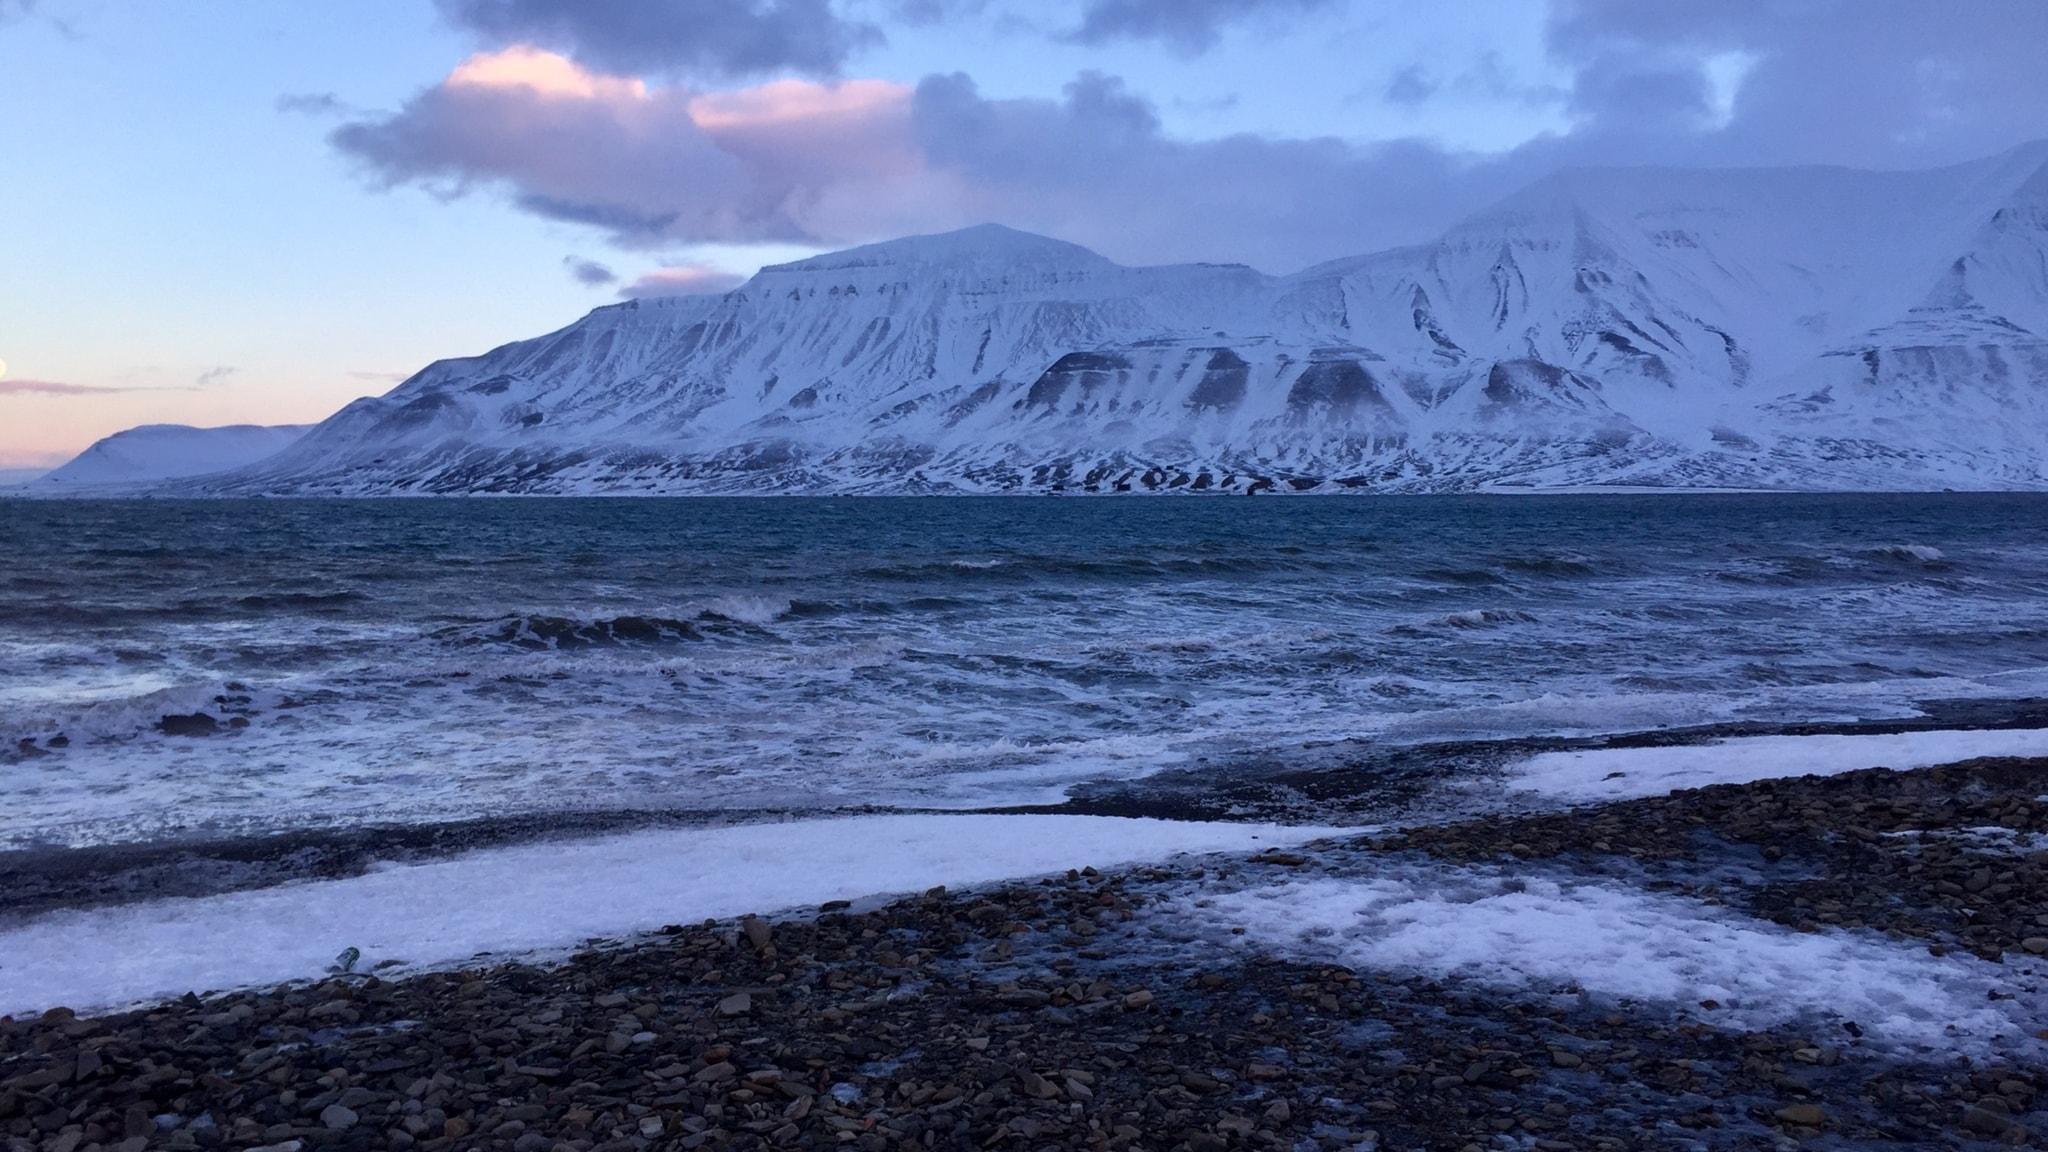 Ett snötäckt fjäll syns bakom en isfri fjord.